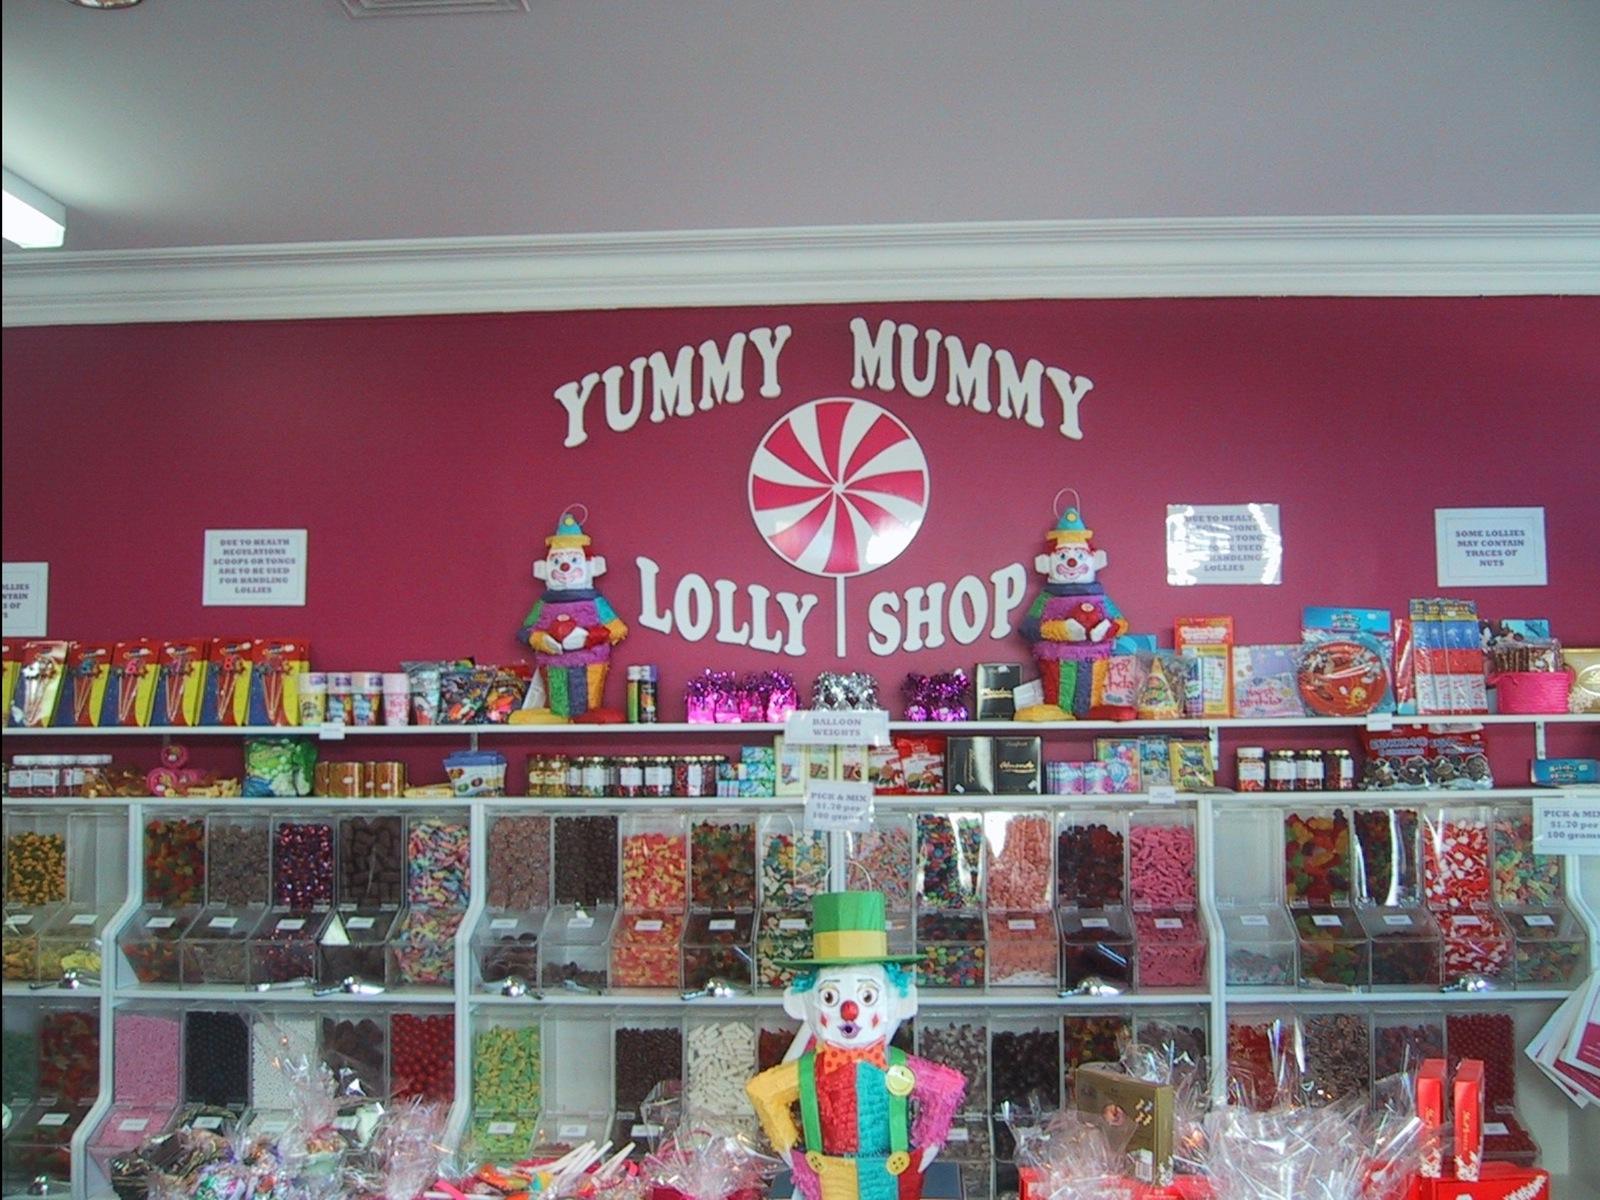 Yummy Mummy Lolly Shop Pick n Mix